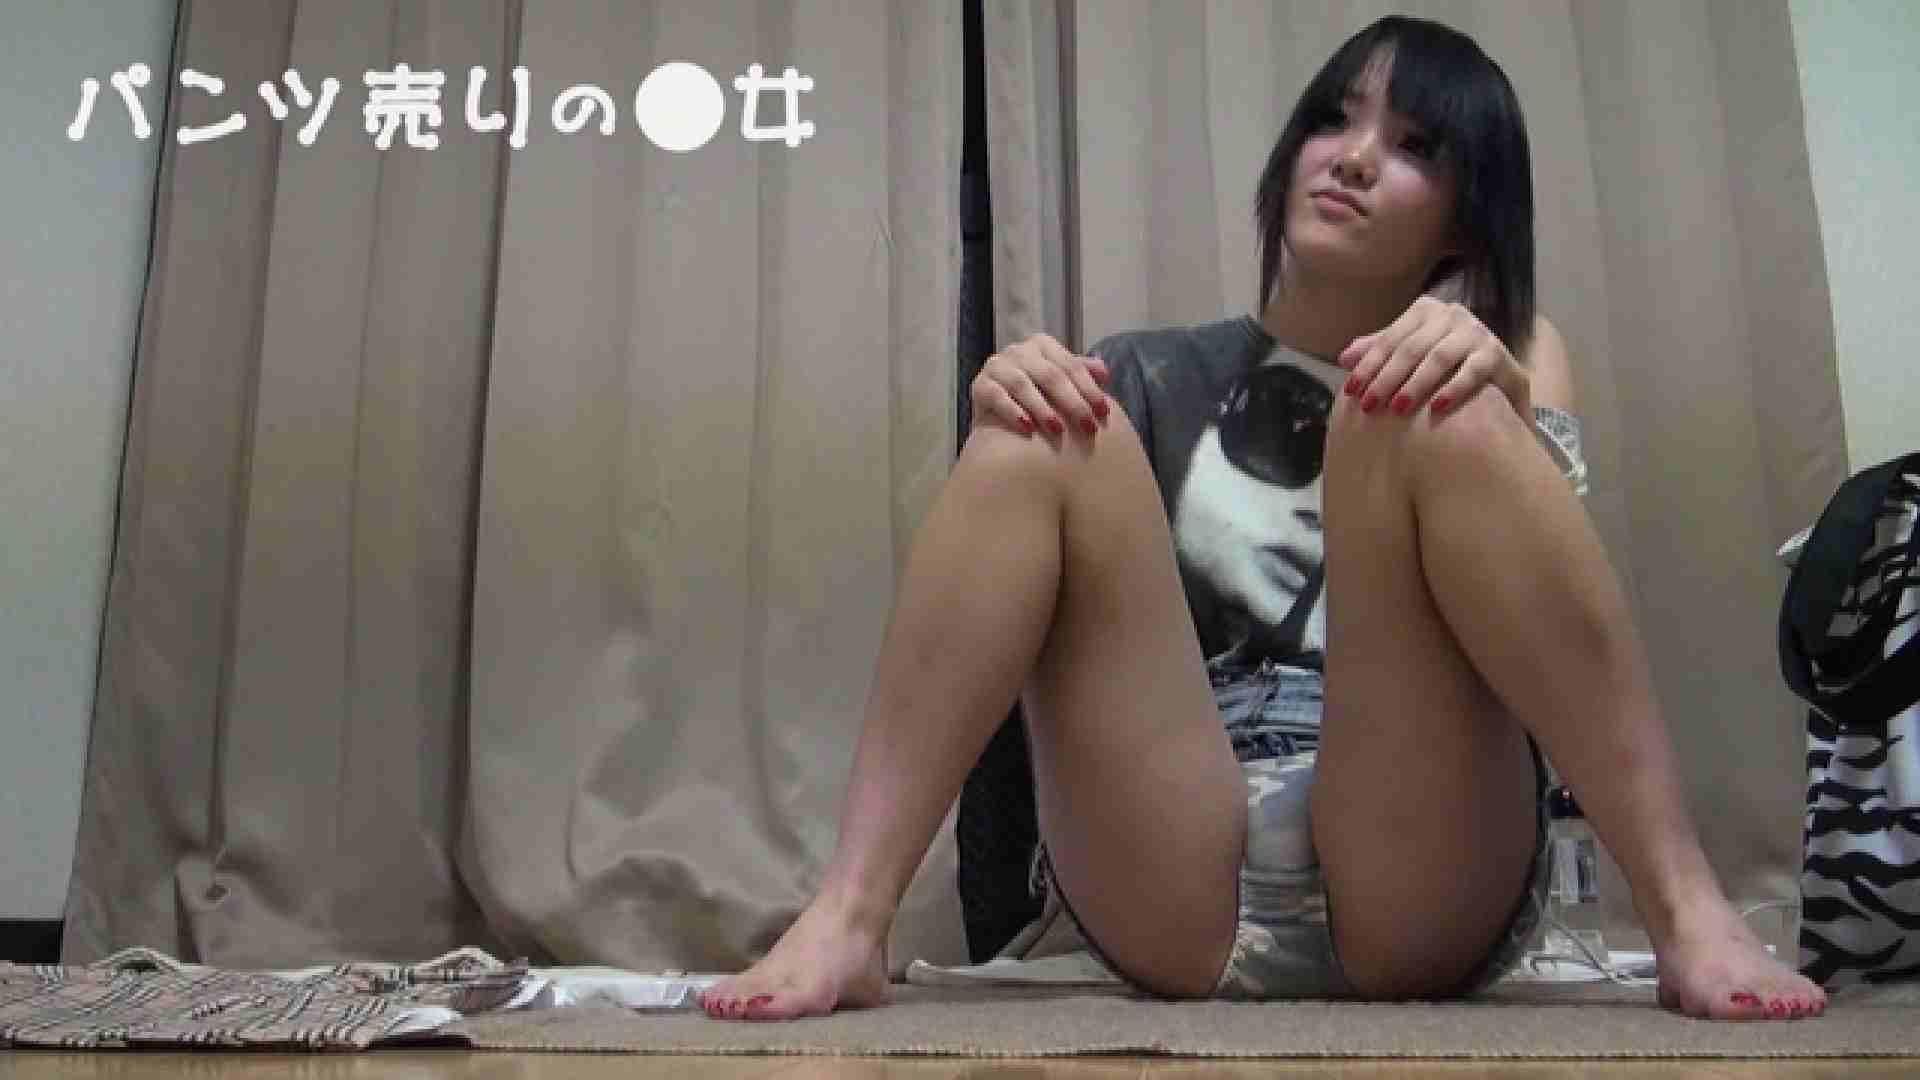 新説 パンツ売りの女の子mizuki02 覗き   オマンコ大放出  39pic 5